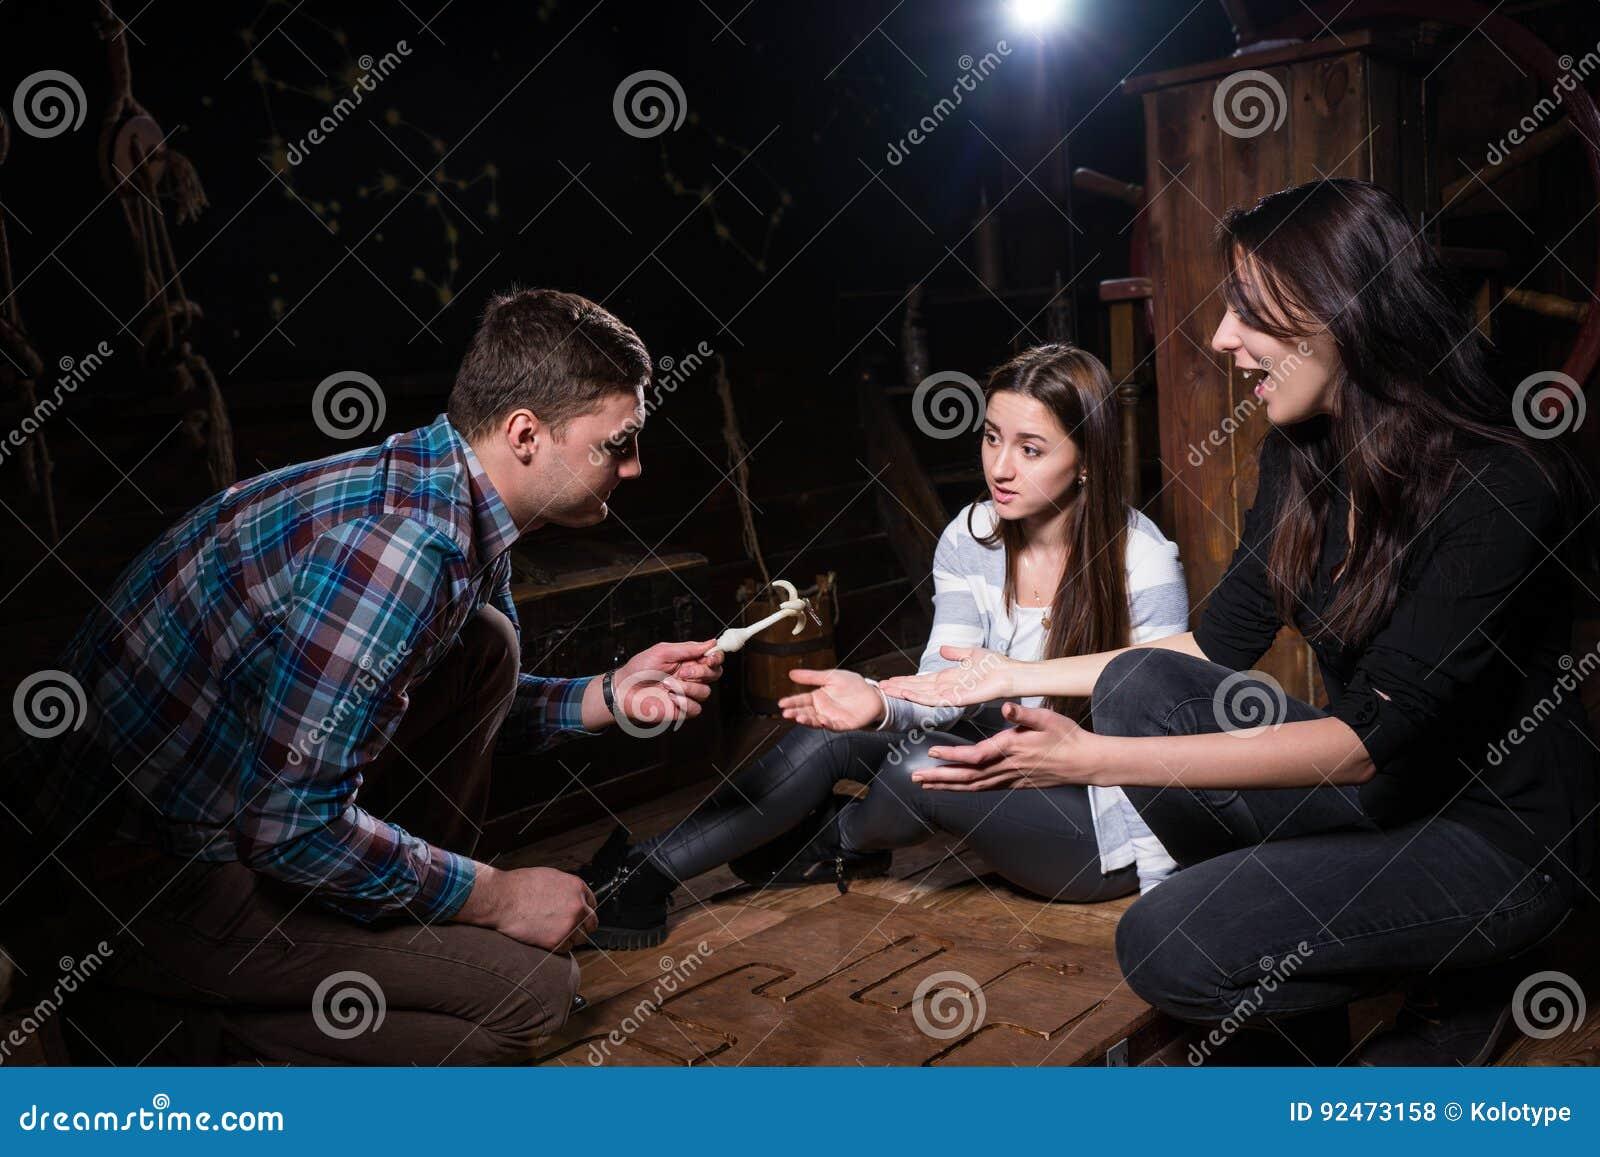 De jongeren verheugt zich dat zij oplosten een raadsel en o zullen krijgen